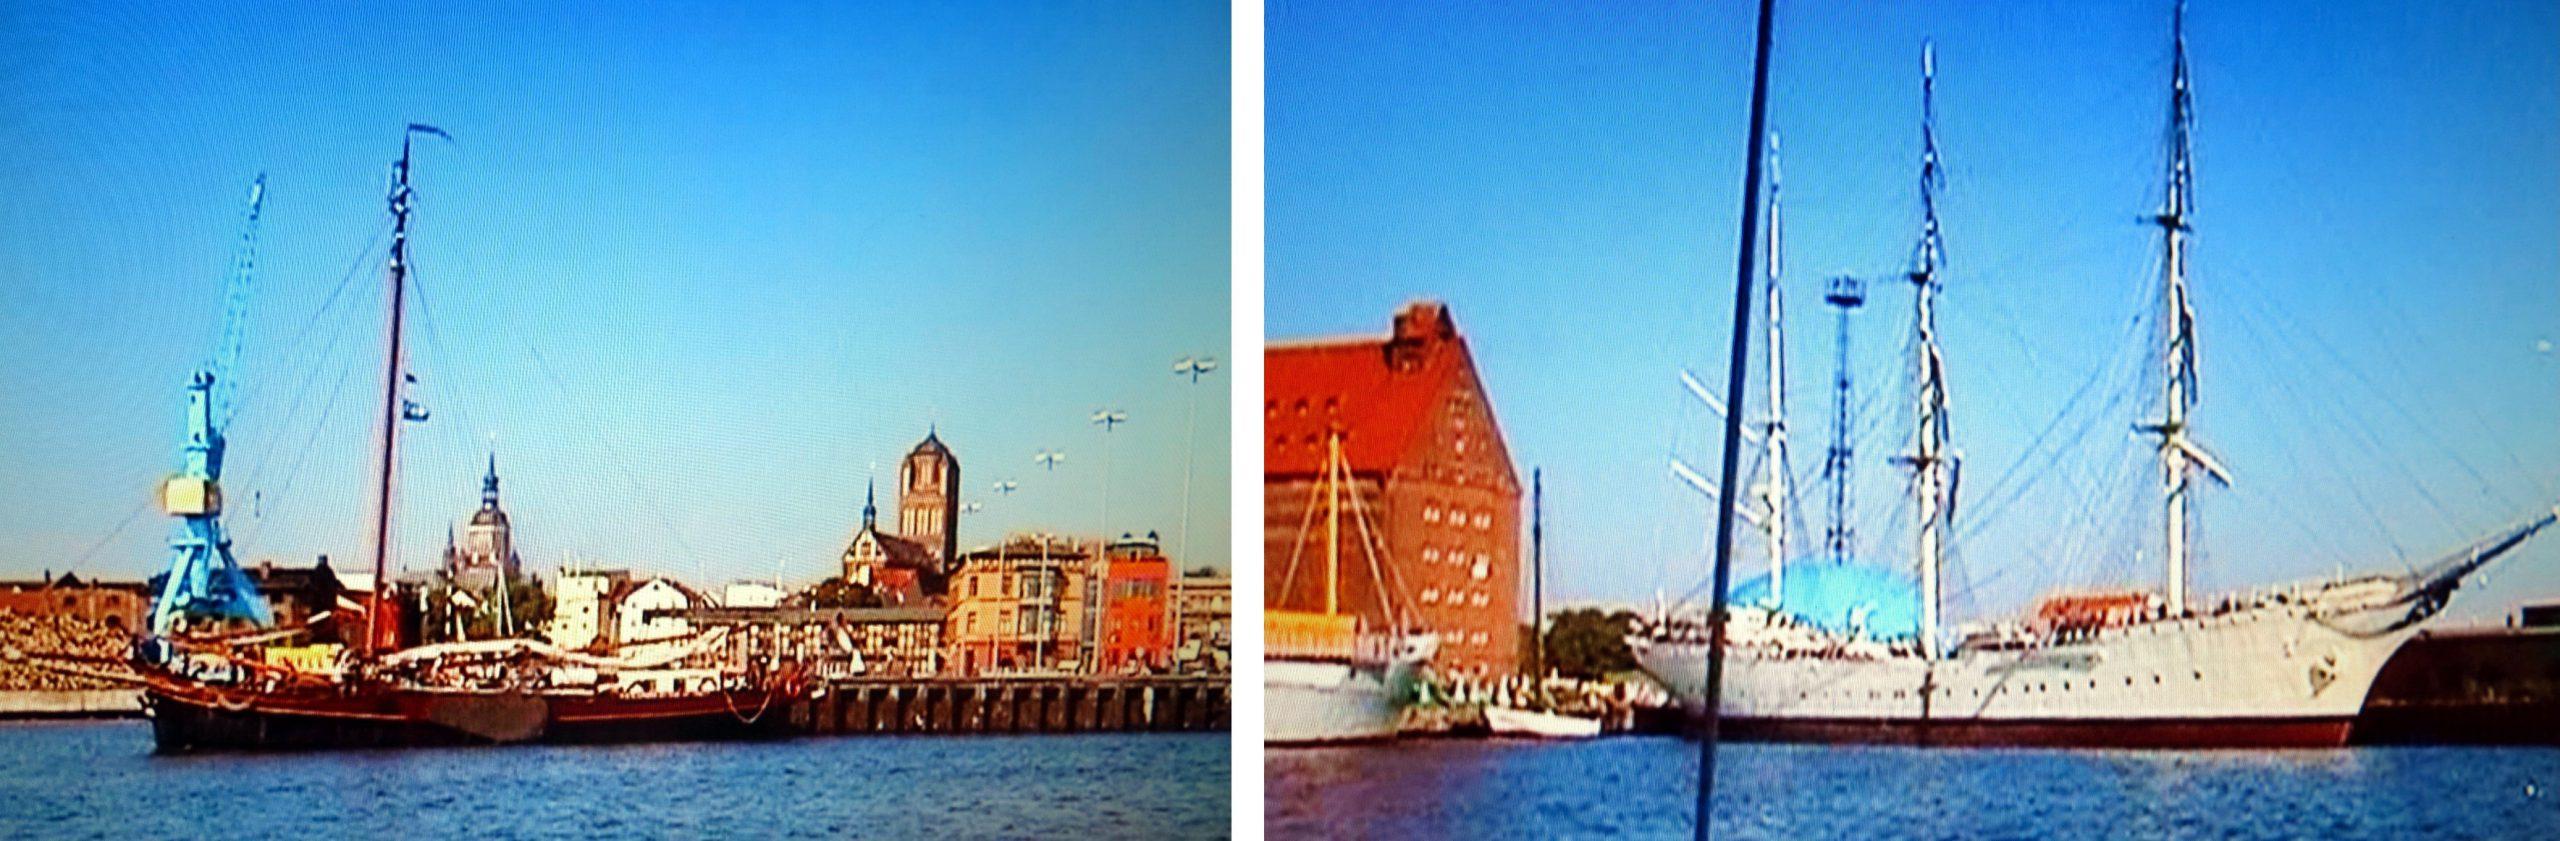 Links: Könnte die Schwester unserer DE ALBERTHA sein - Rechts: Die erste GORCH FOCK